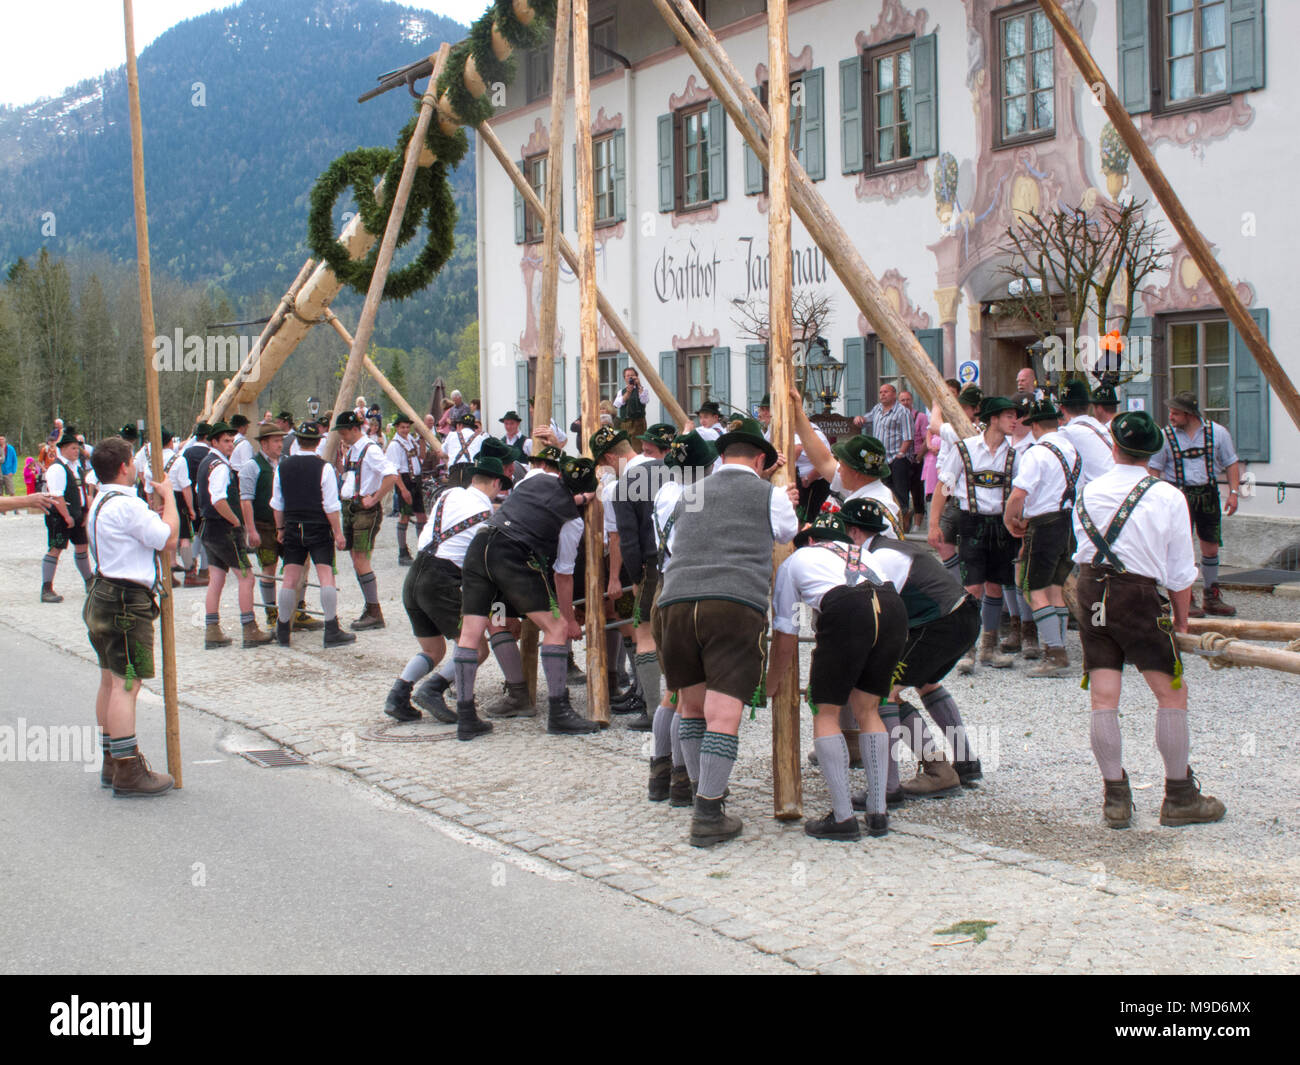 Zillertal Magazin Sommer 2019 En By Zillertal Tourismus Gmbh Issuu